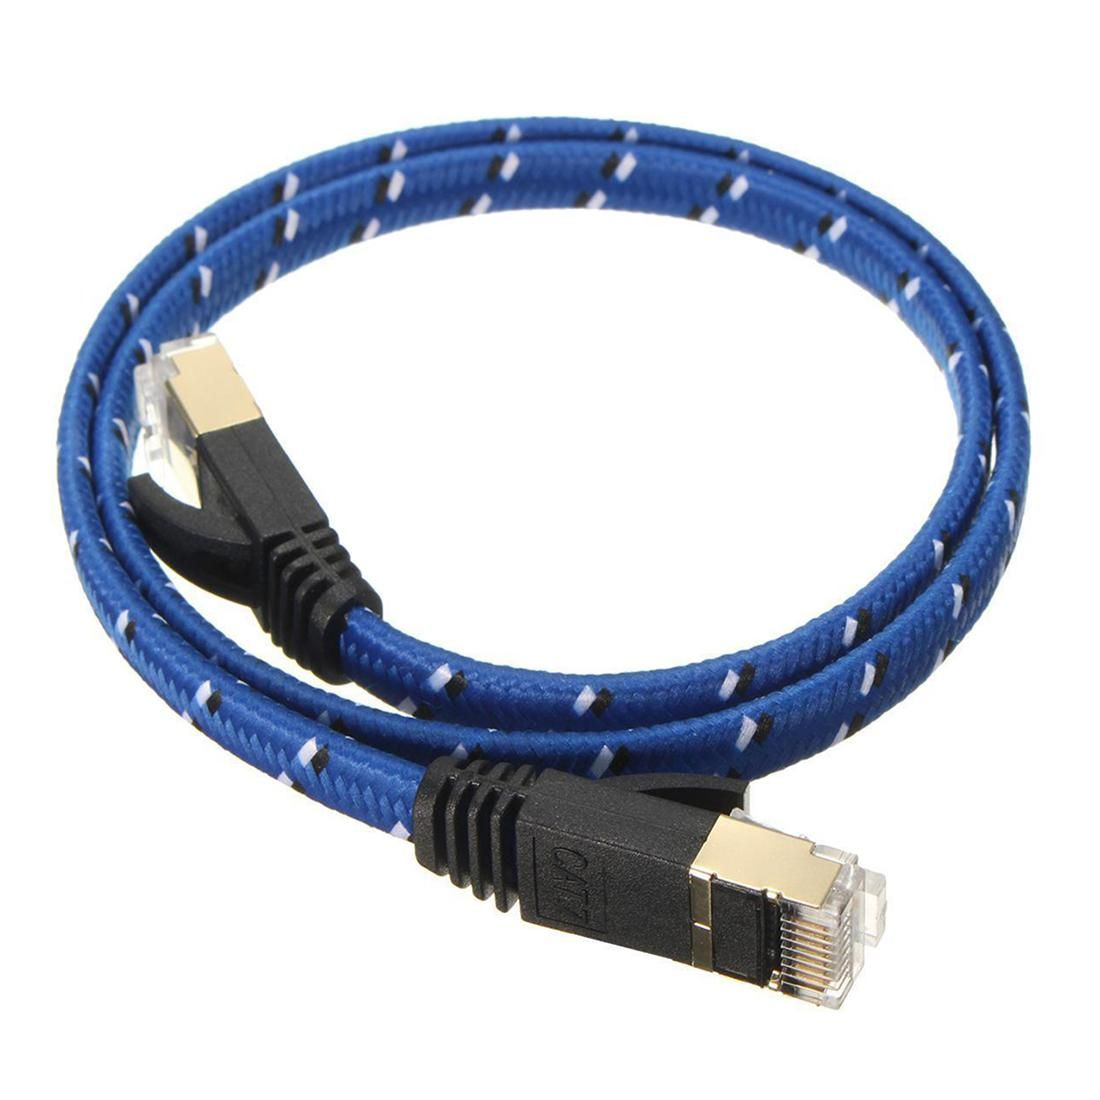 50cm Braided Cat 7 10 Gigabit Ethernet Cable Modem Router Patch Rj45 Lan Network Blue Modem Router Cable Modem Router Cable Modem